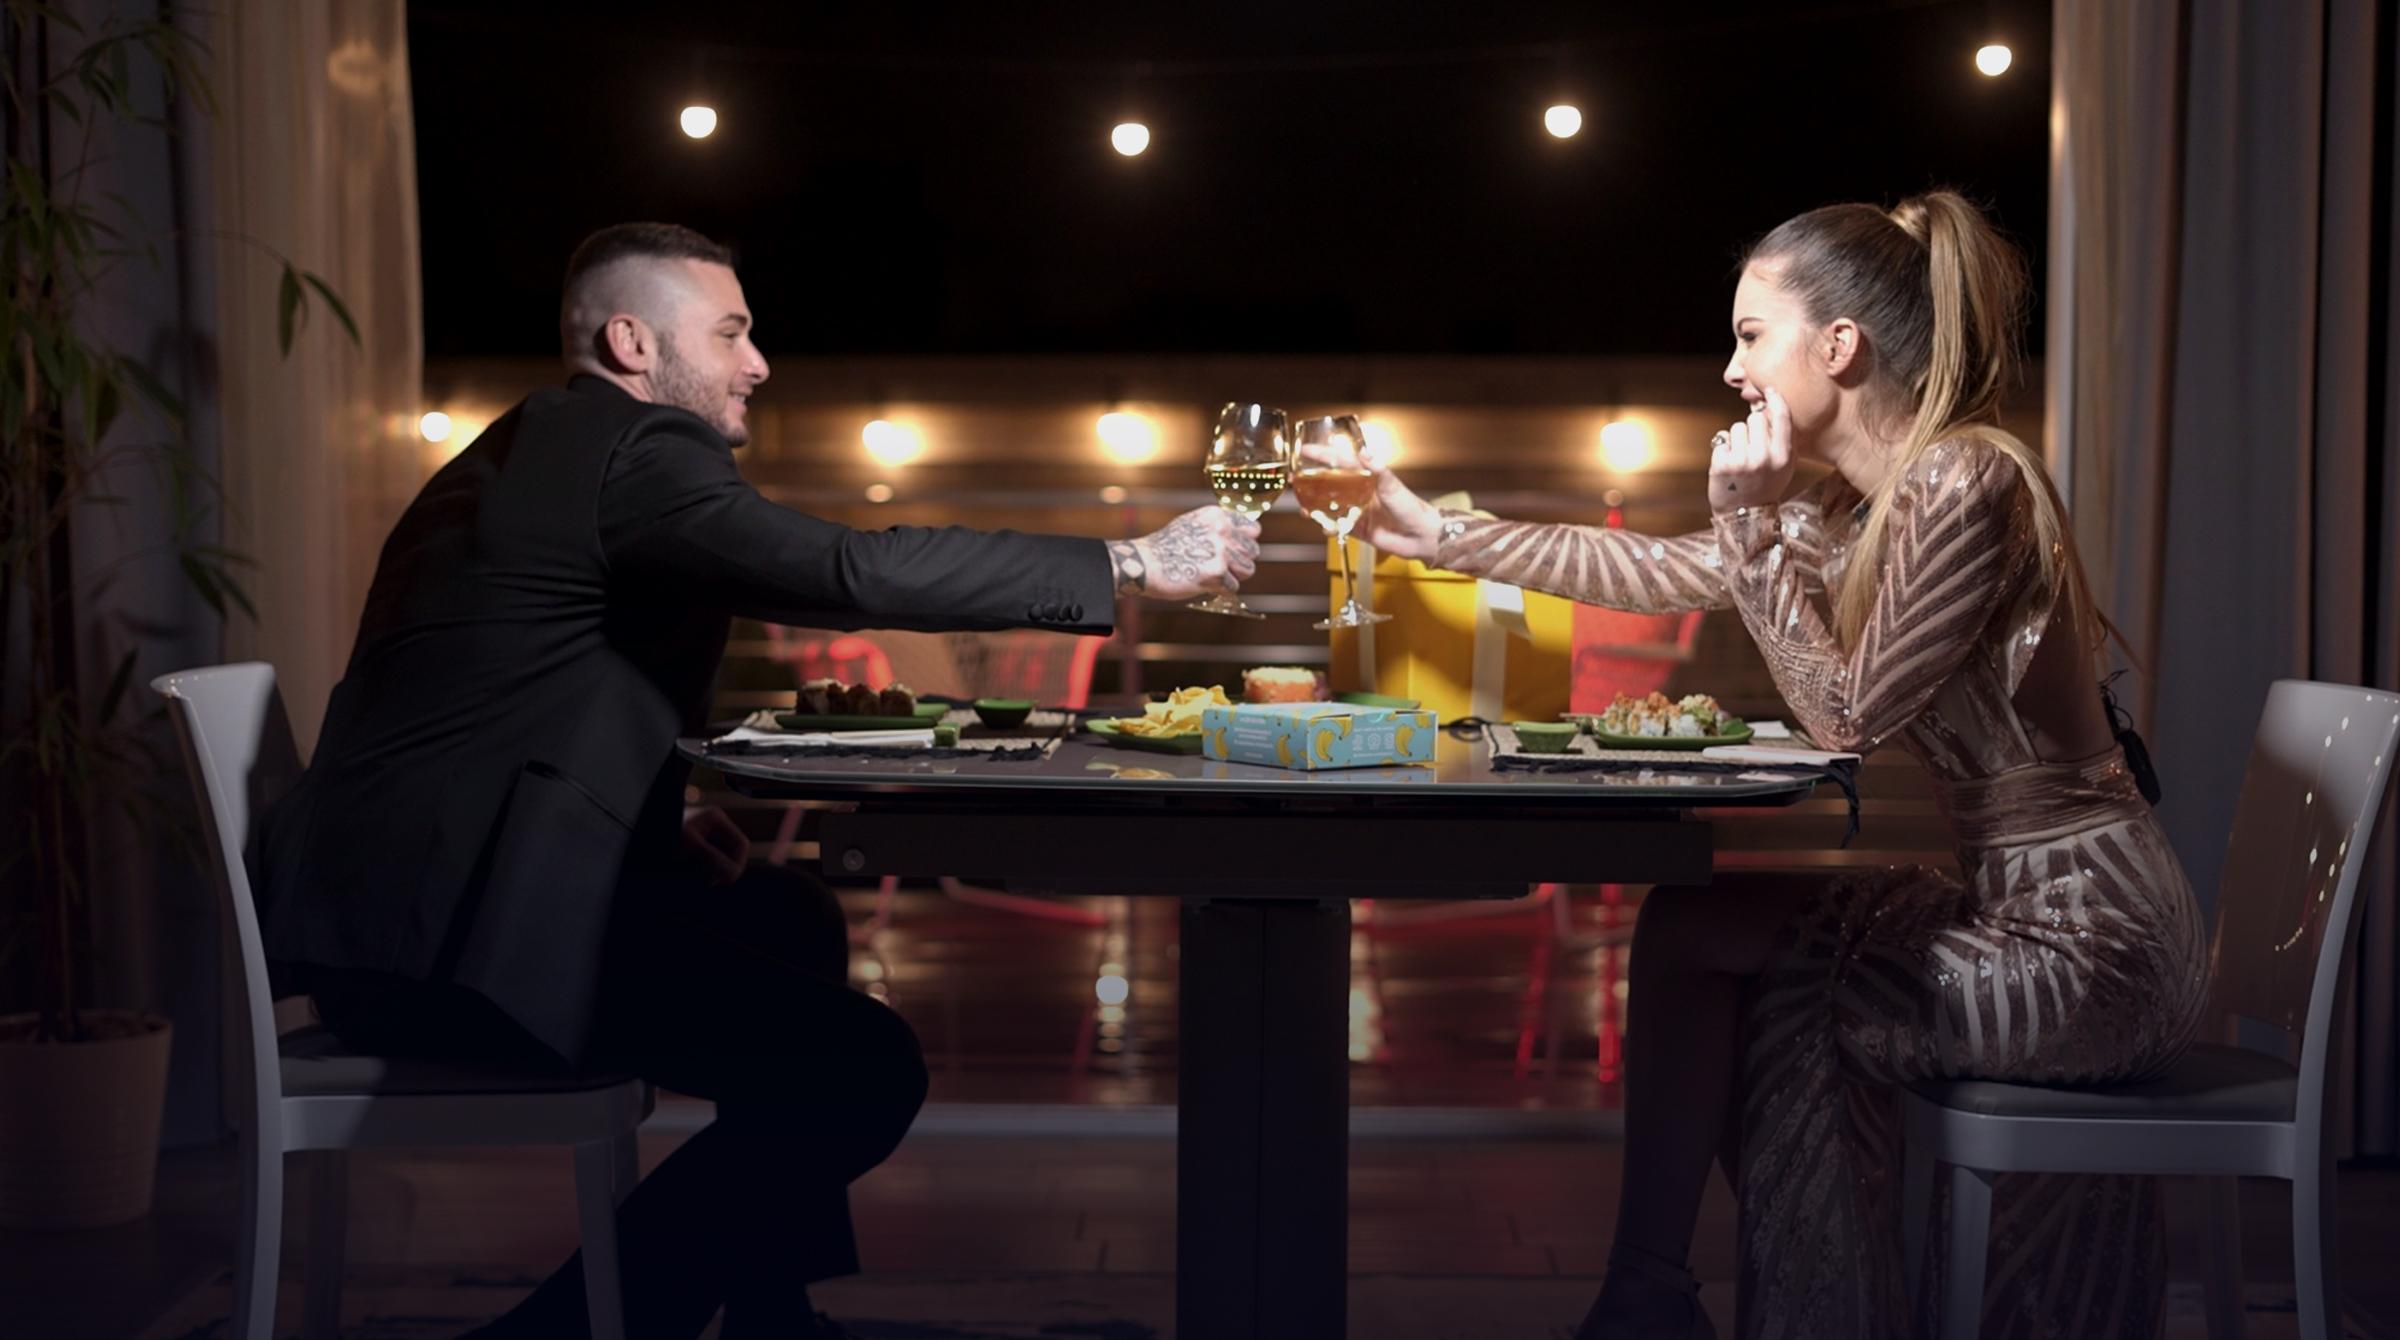 uominiedonne-cena-sophiematteo